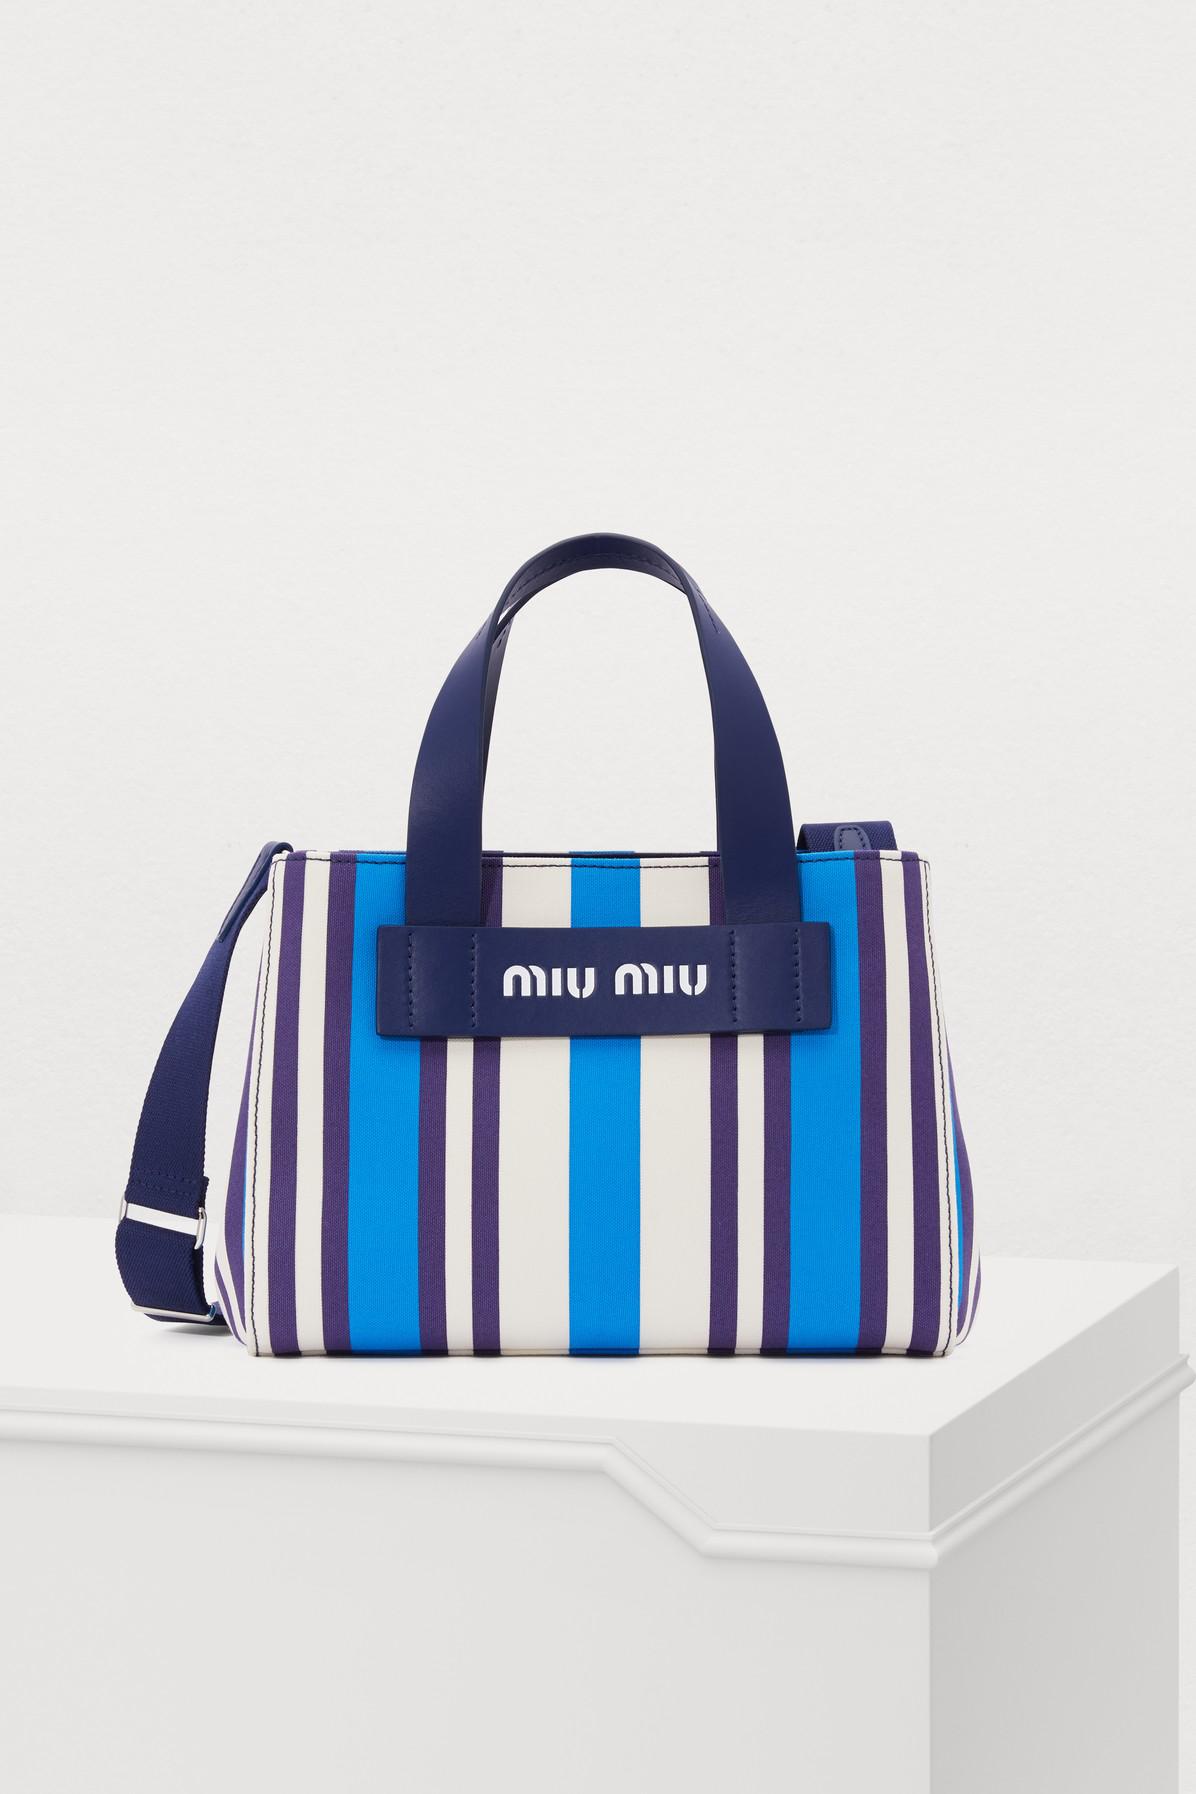 c1f64a98f031 Miu Miu Striped Hemp   Leather Small Tote Bag In Blue. 24 SÈVRES